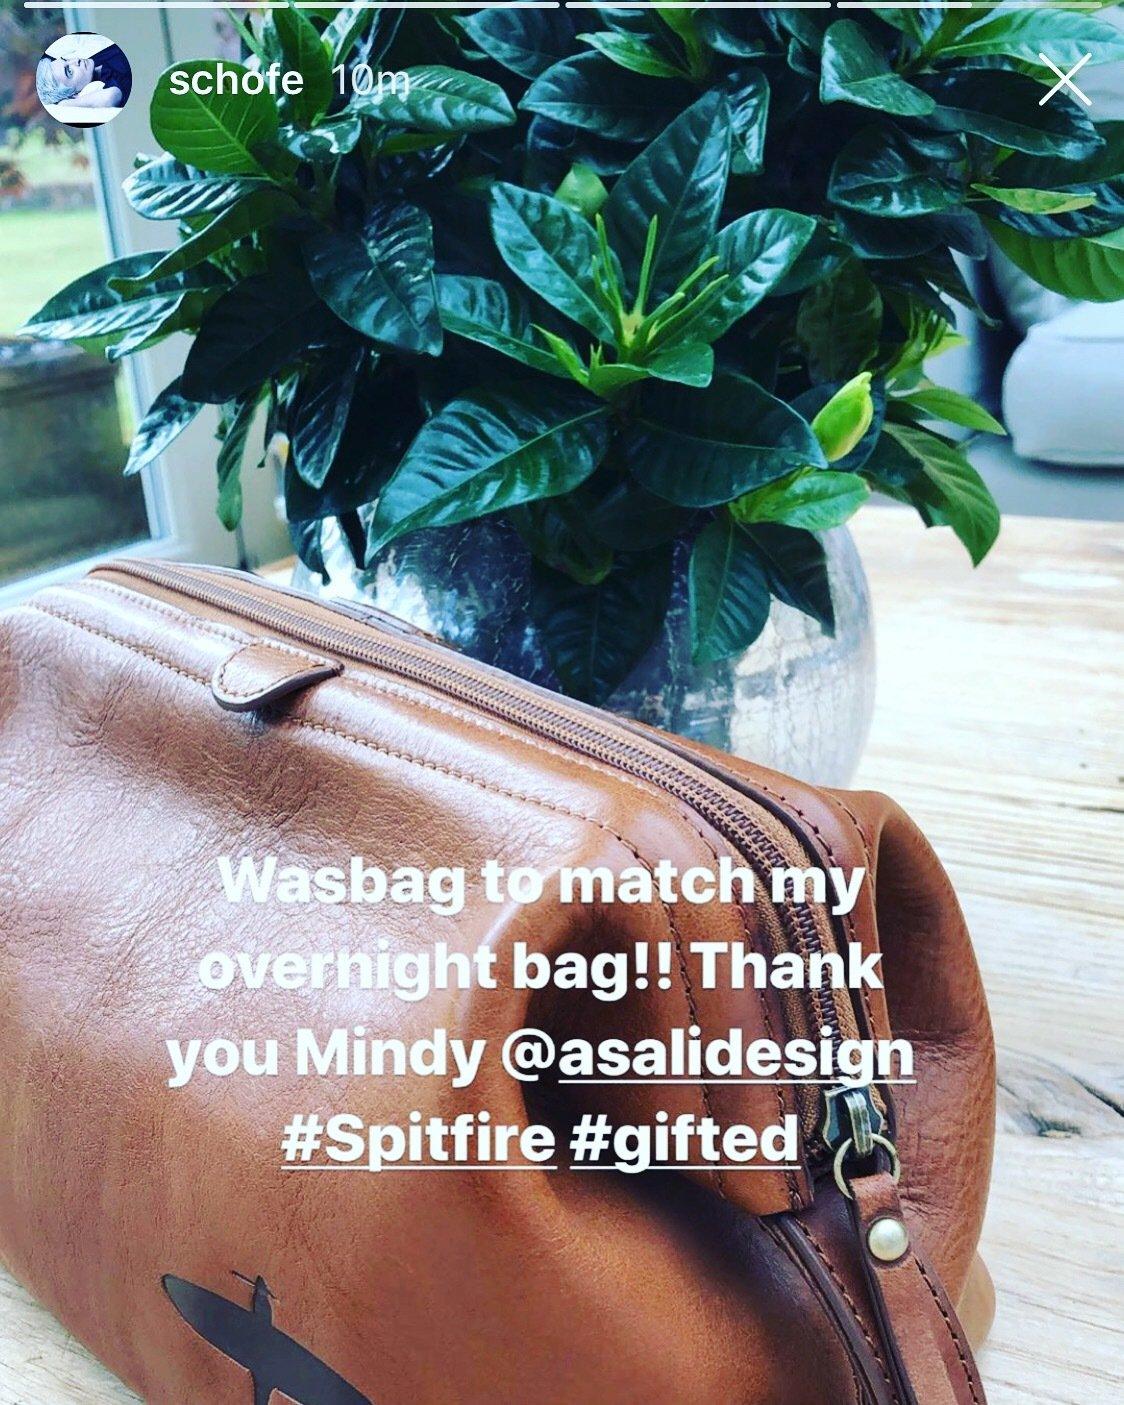 phillip schofield asali spitfire washbag